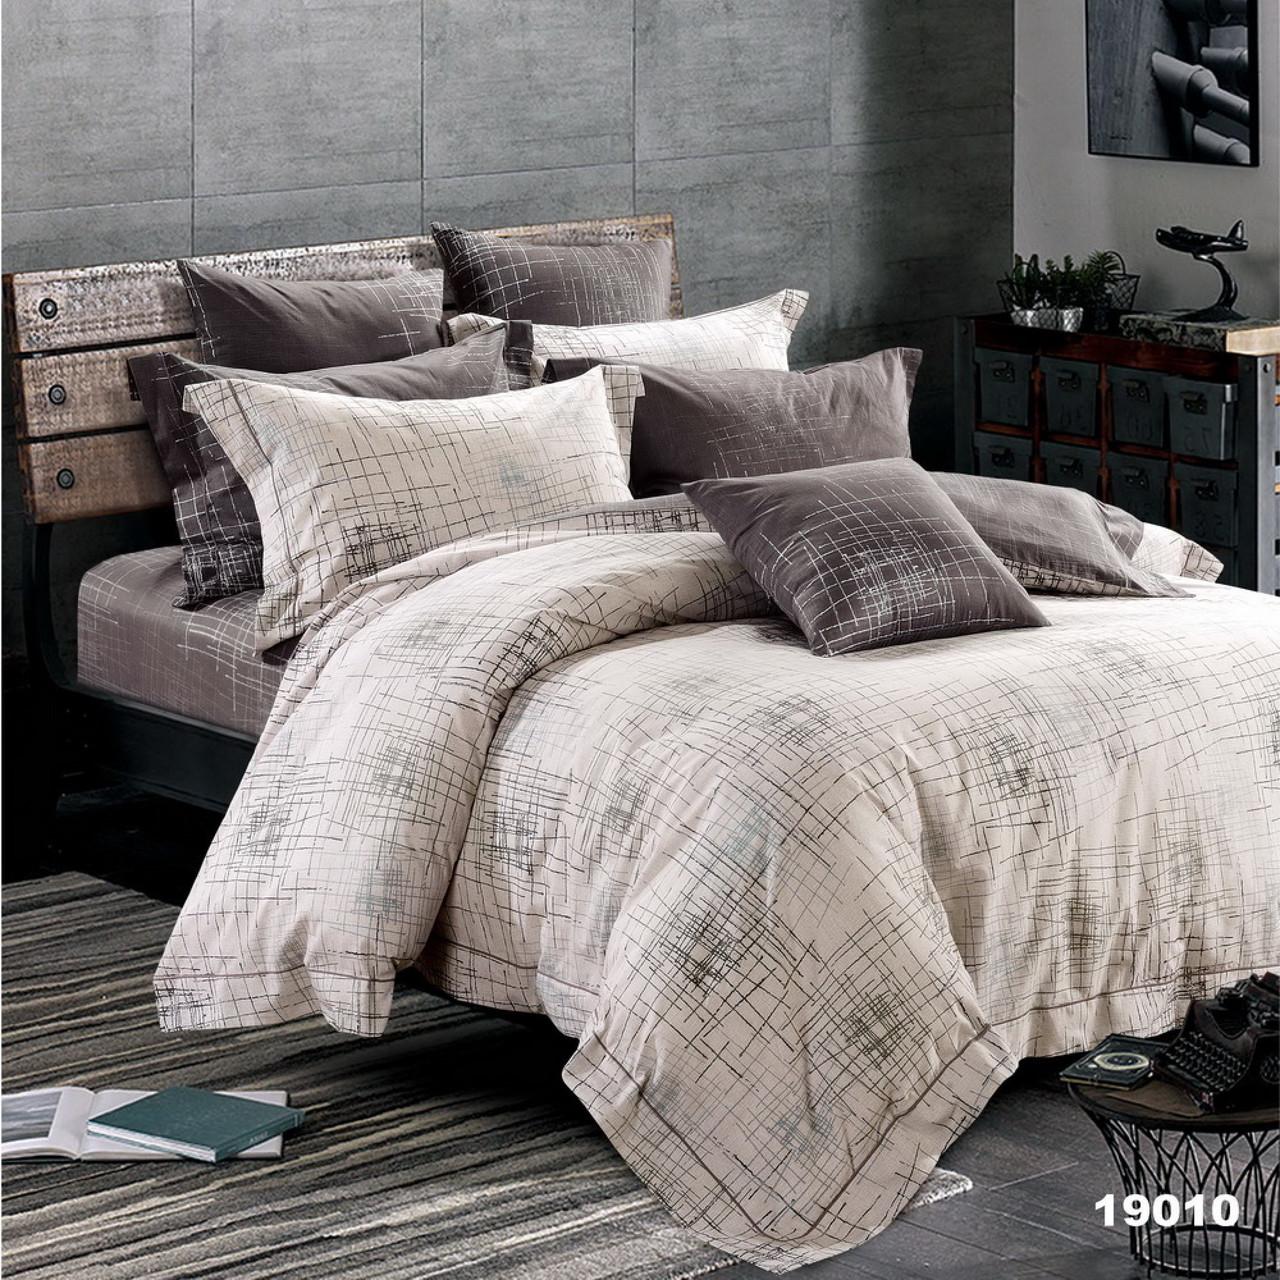 19010 Полуторное постельное белье ранфорс Viluta